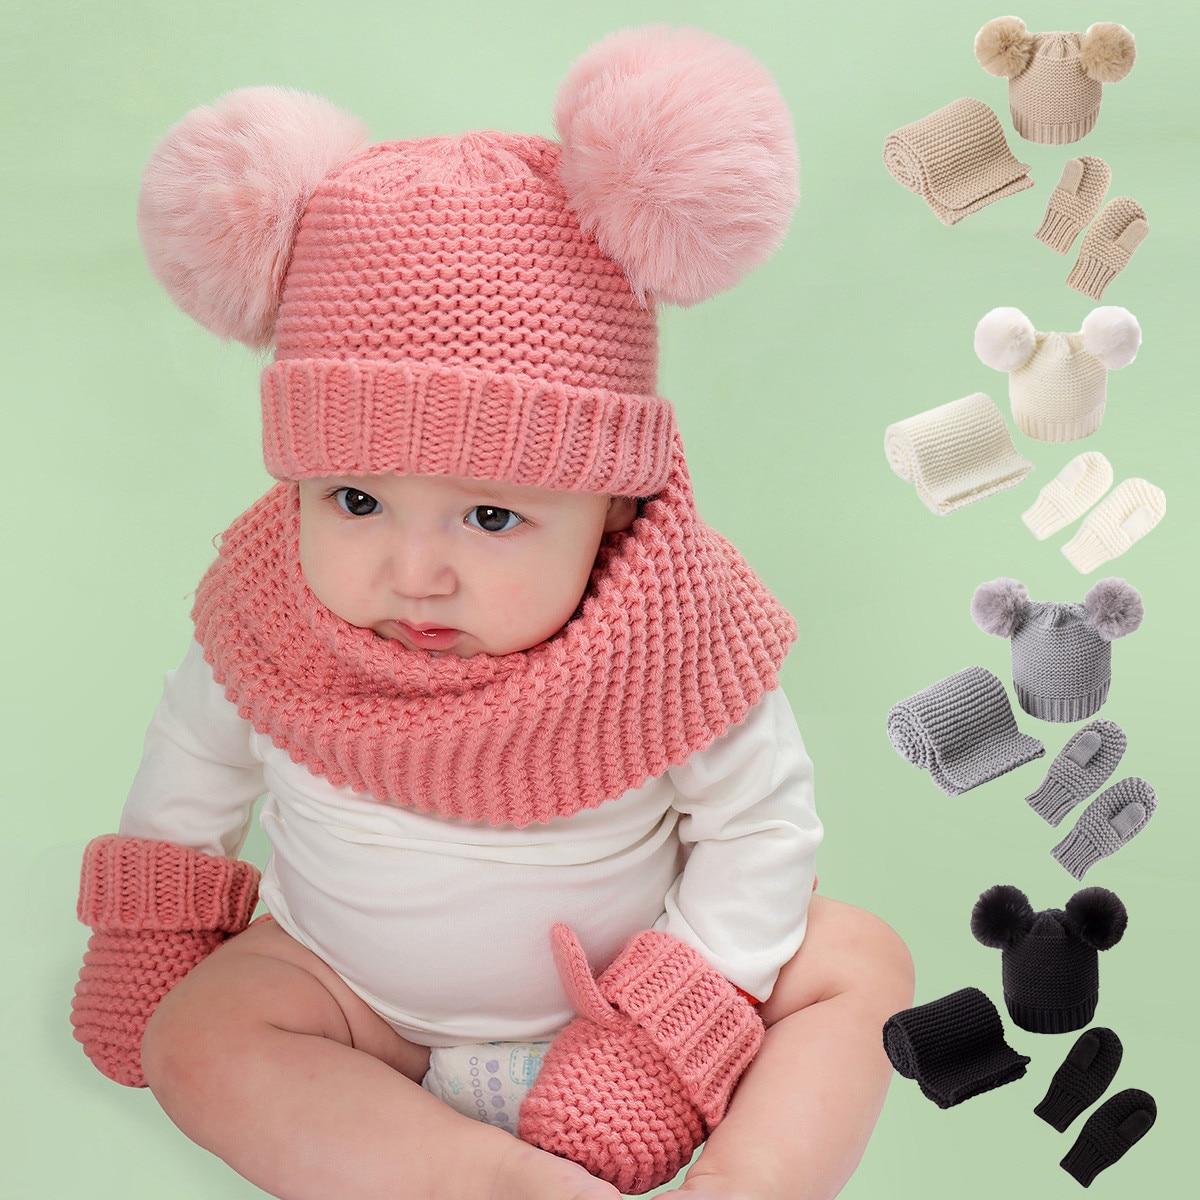 Baby beanie Children's Winter Warm Set Winter Children's Mittens Baby Beanie Set Warm Hat Gloves Scarf Three-piece Set шапка 6* шапка rvca dayshift beanie ii розовый 4327